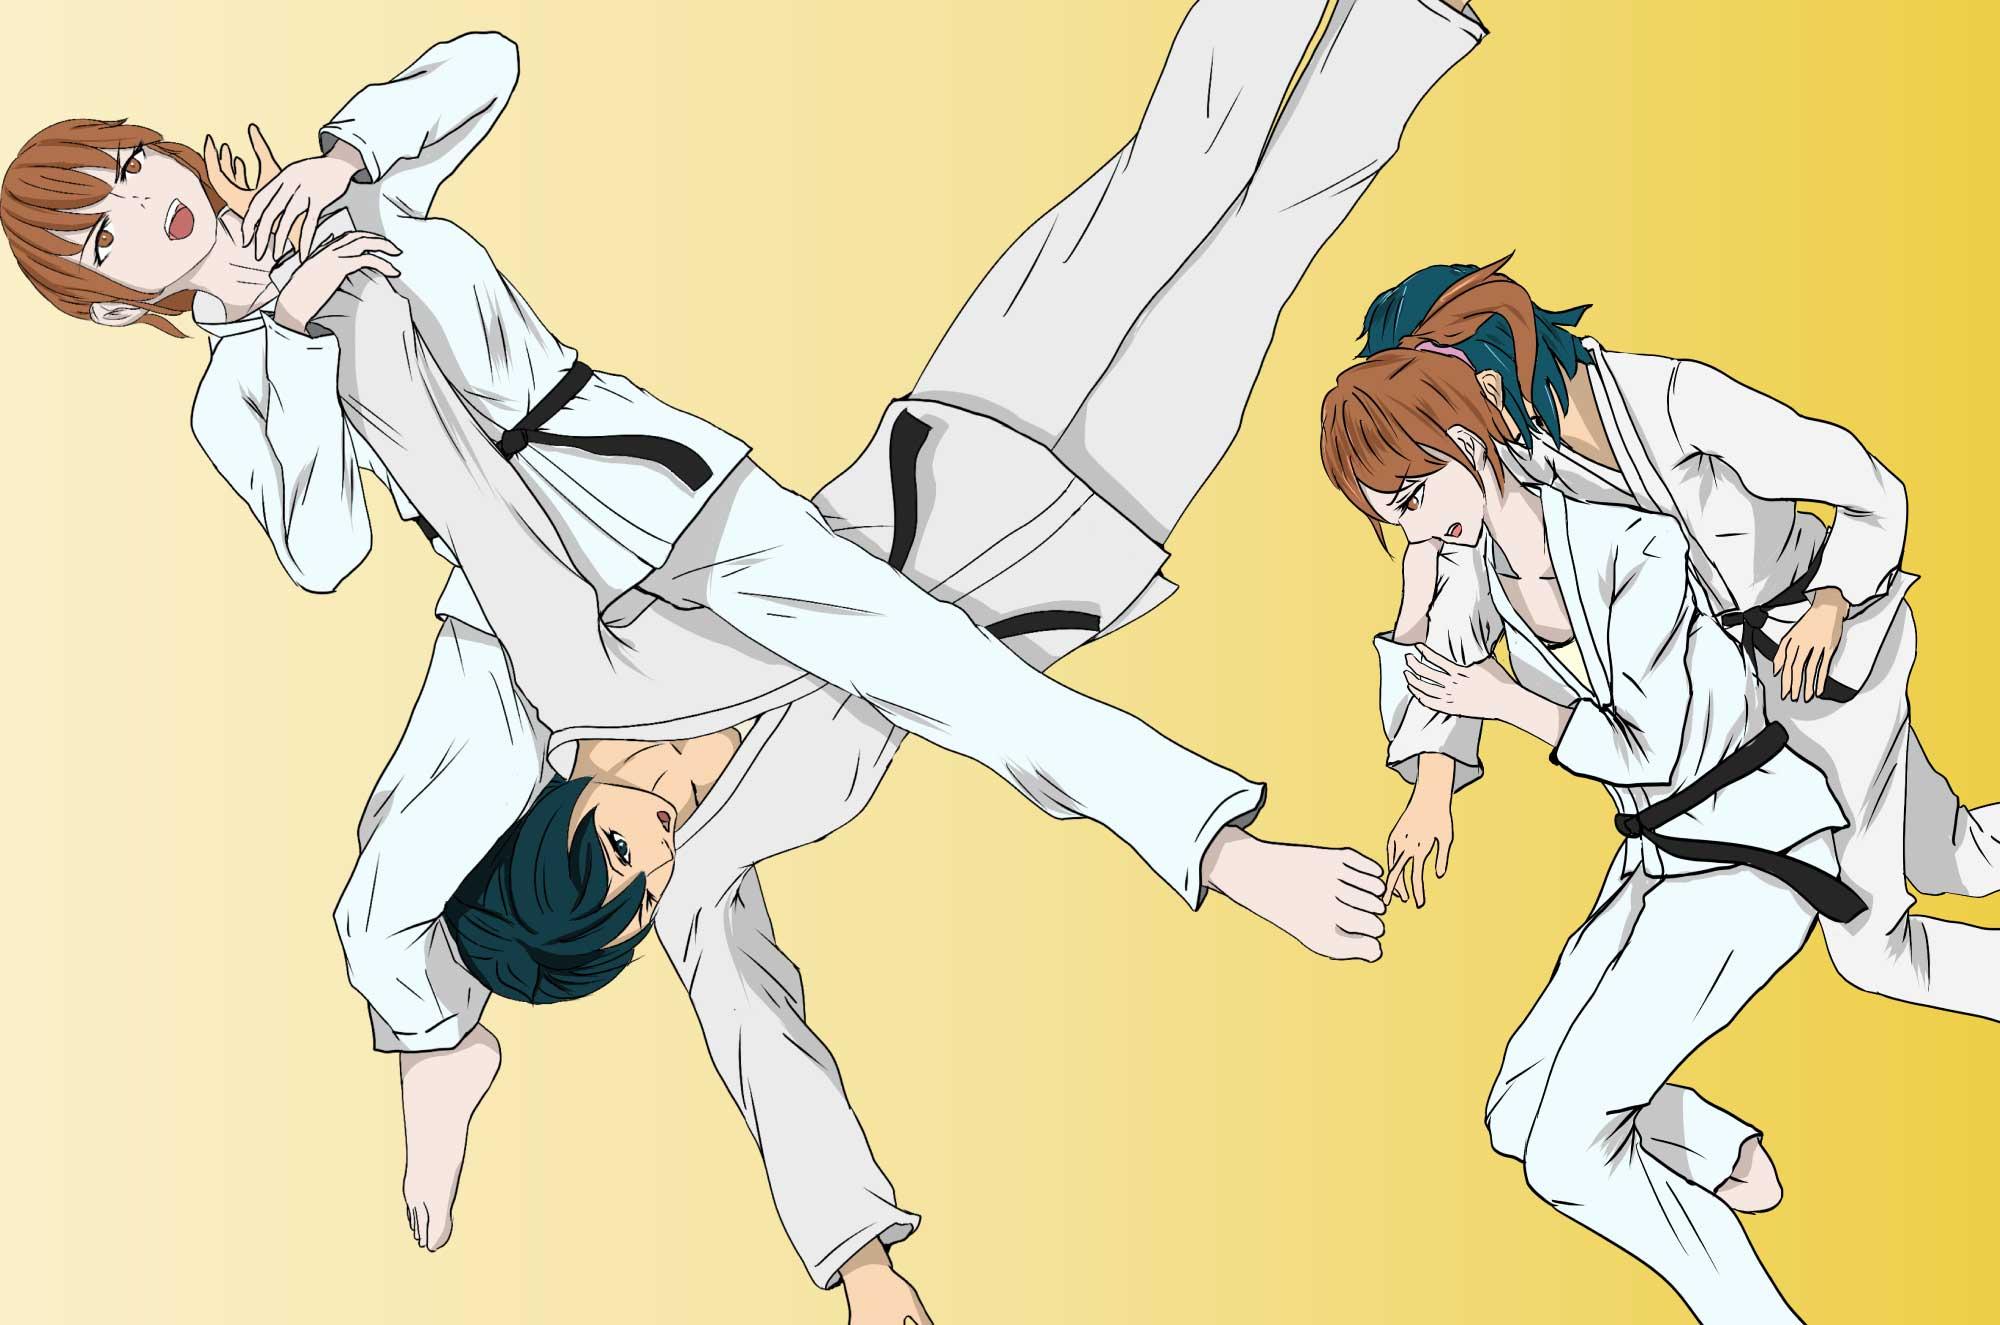 柔道の無料イラスト - 日本の格闘技のフリー素材